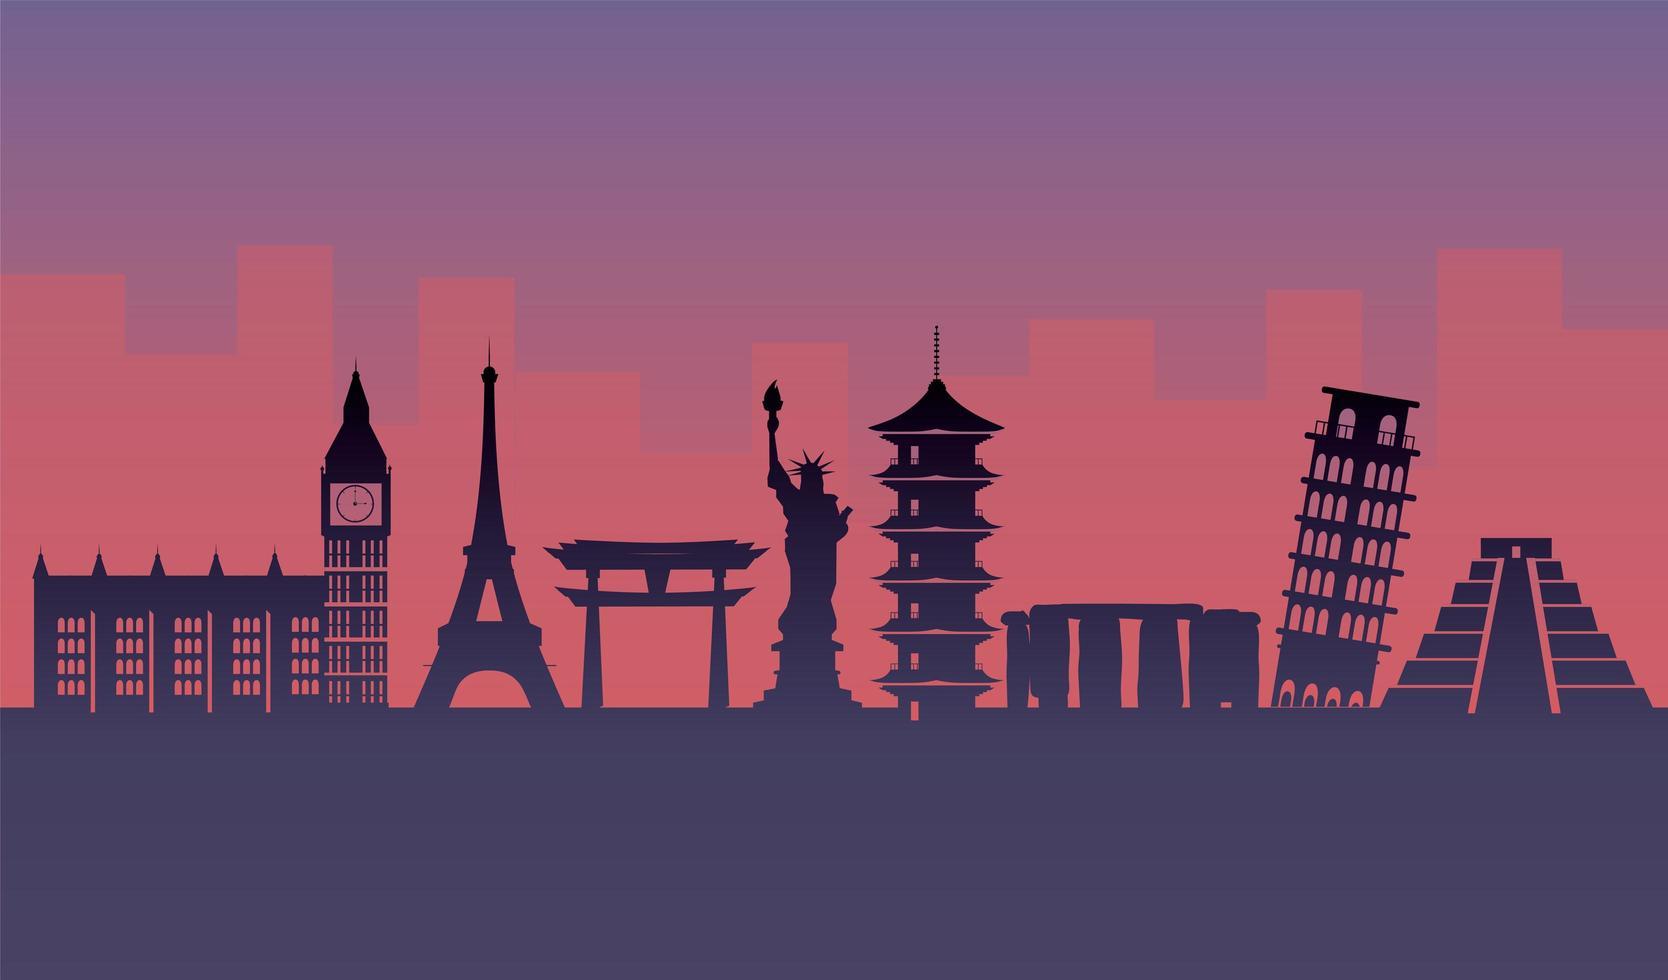 diseño de silueta de atracciones turísticas vector